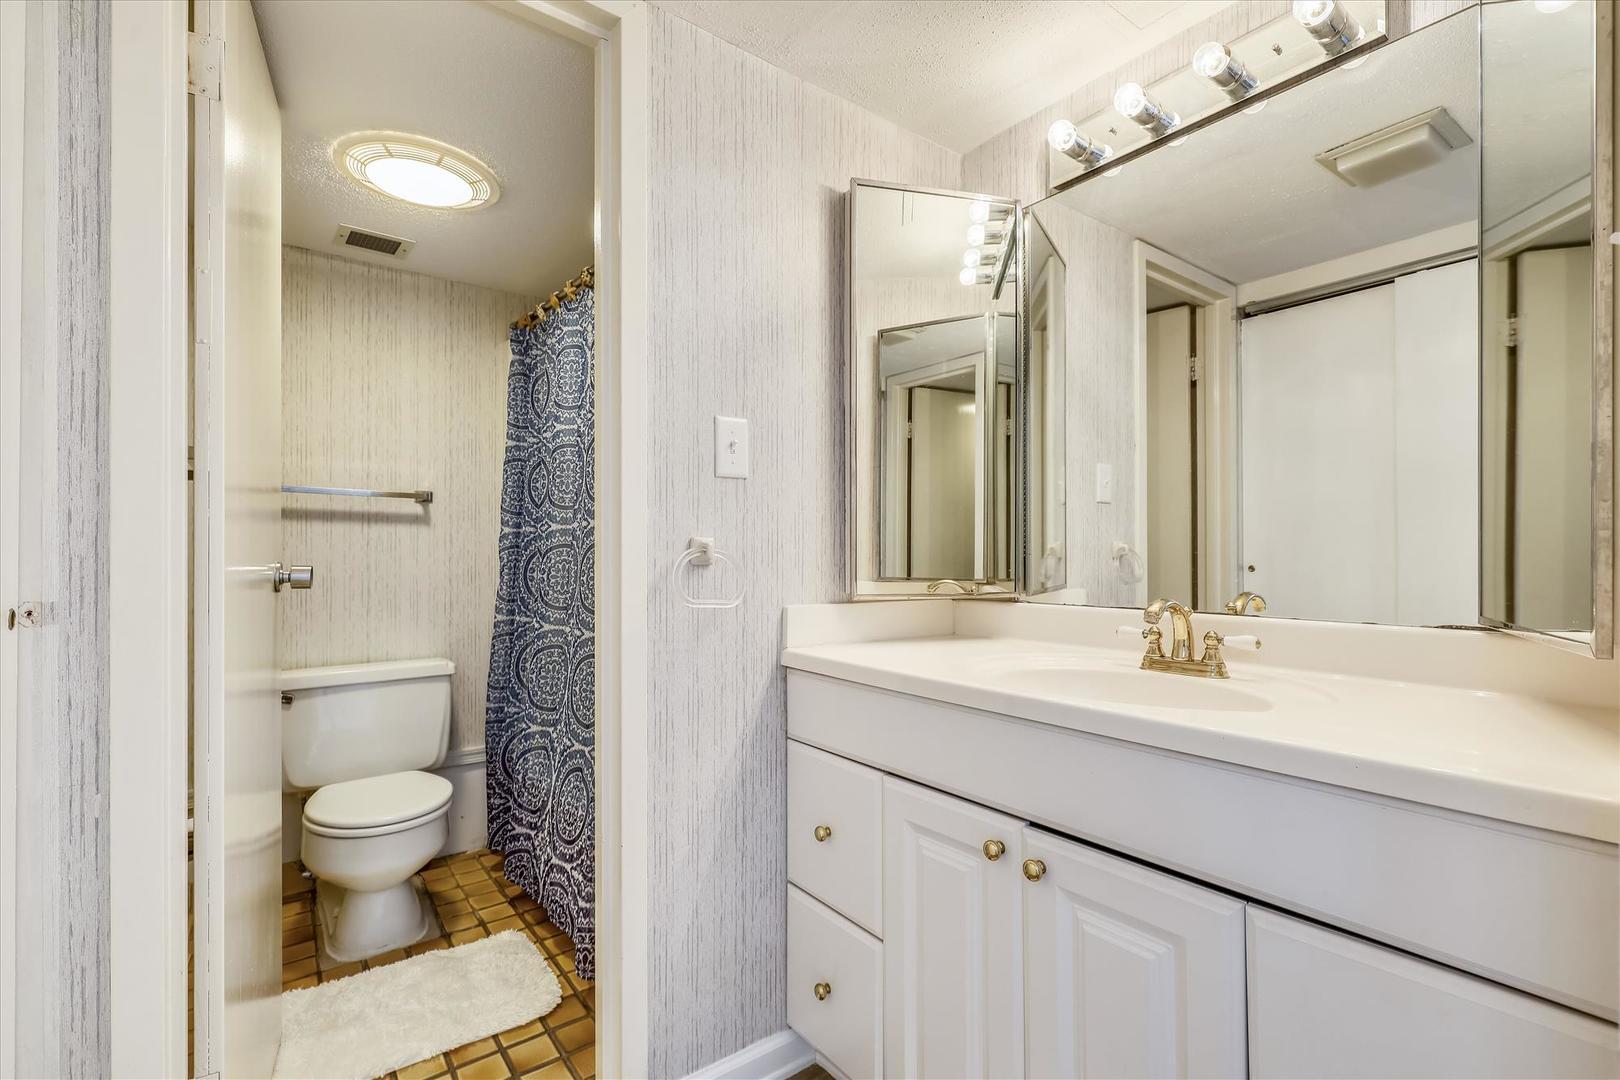 Century I 2210 - Full Bathroom on Upper Level